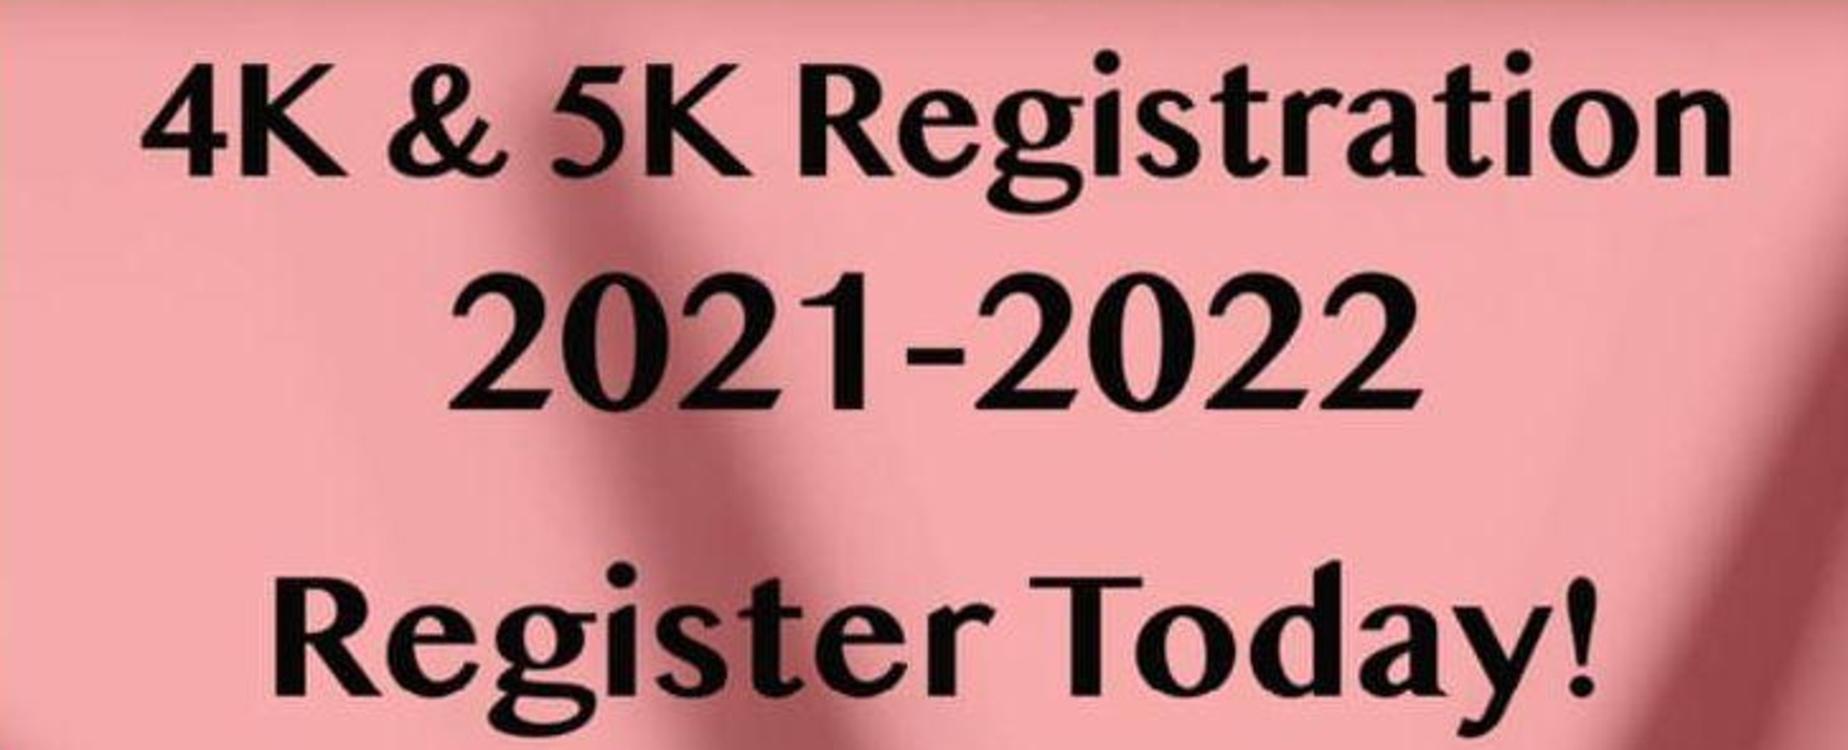 4K & 5K Registration